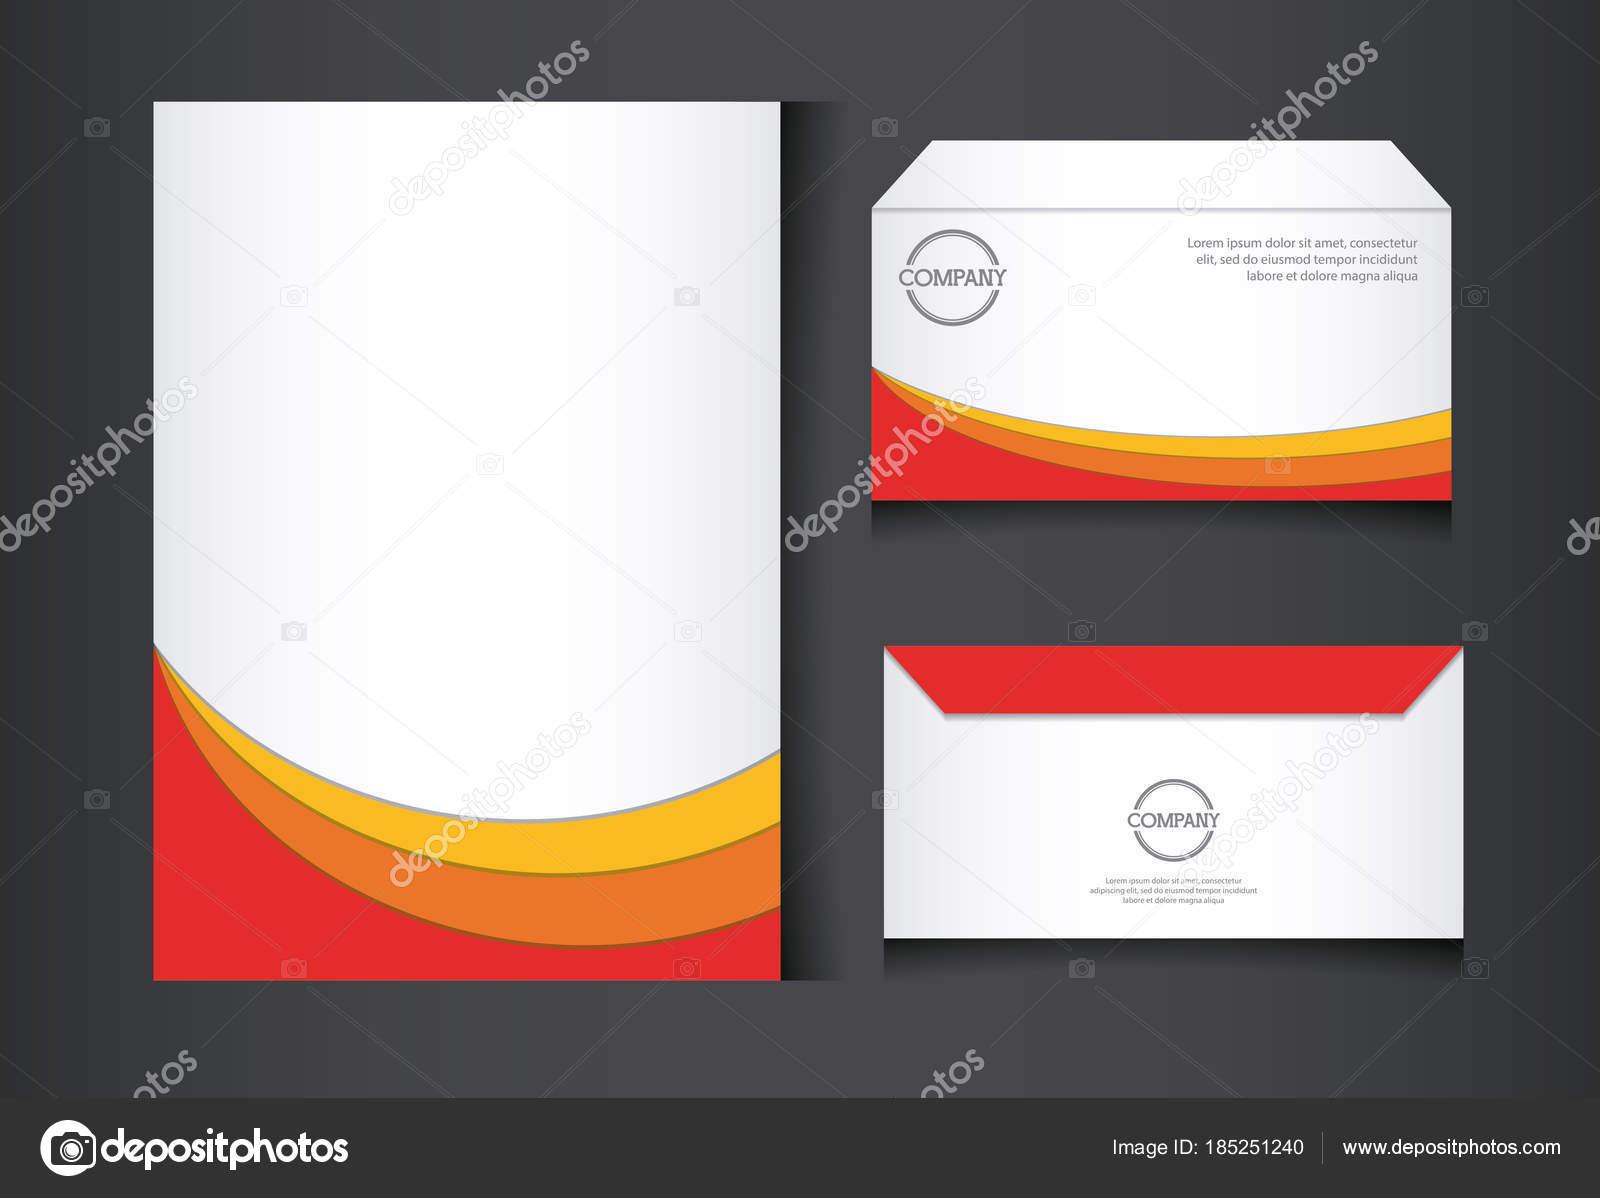 bef2c39710c Identité d entreprise la société conception vector illustration design  graphique-branding — Vecteur par djv